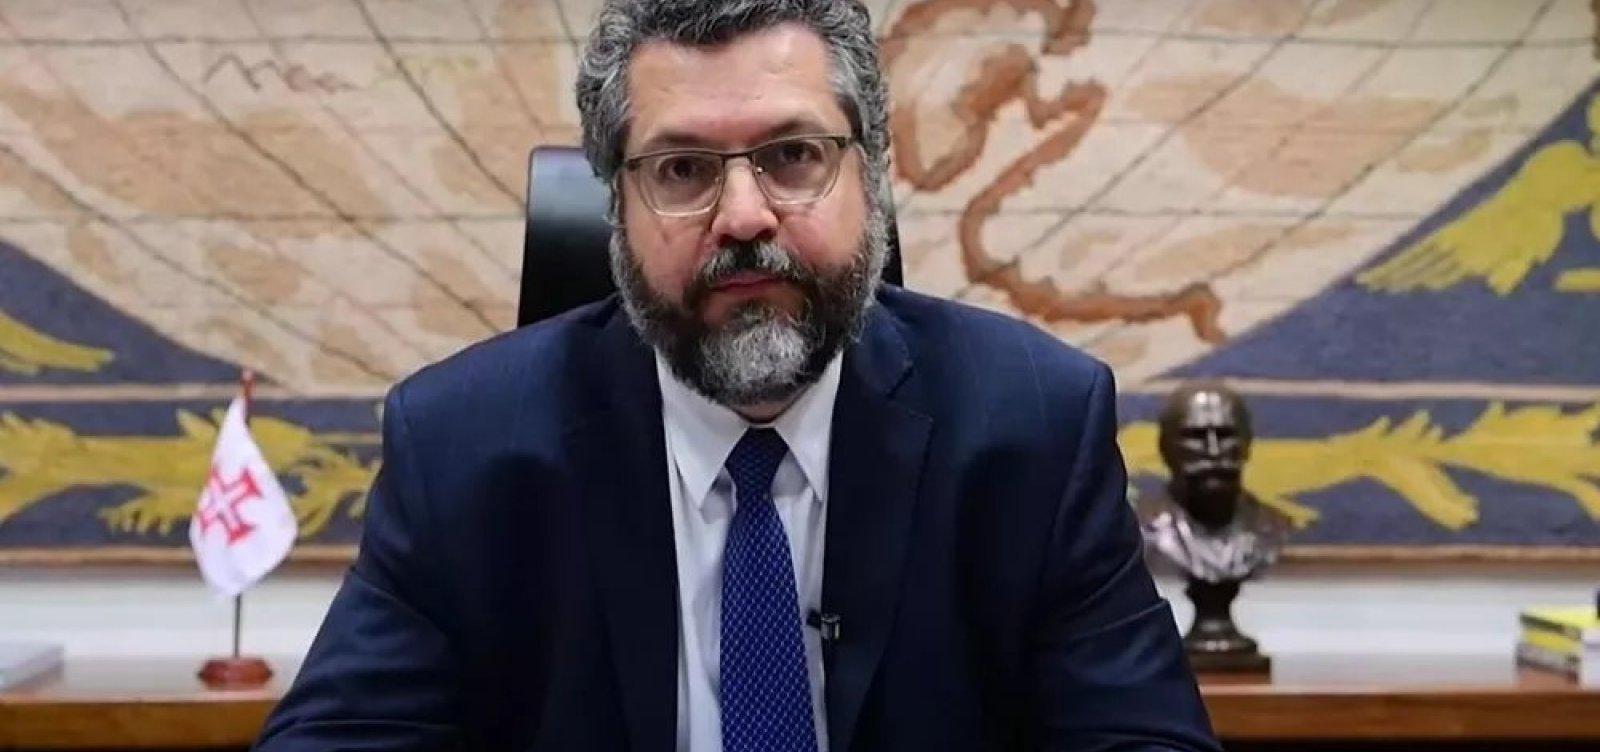 [Em discurso na ONU, Araújo defende 'esforços de nações individuais' contra Covid-19]